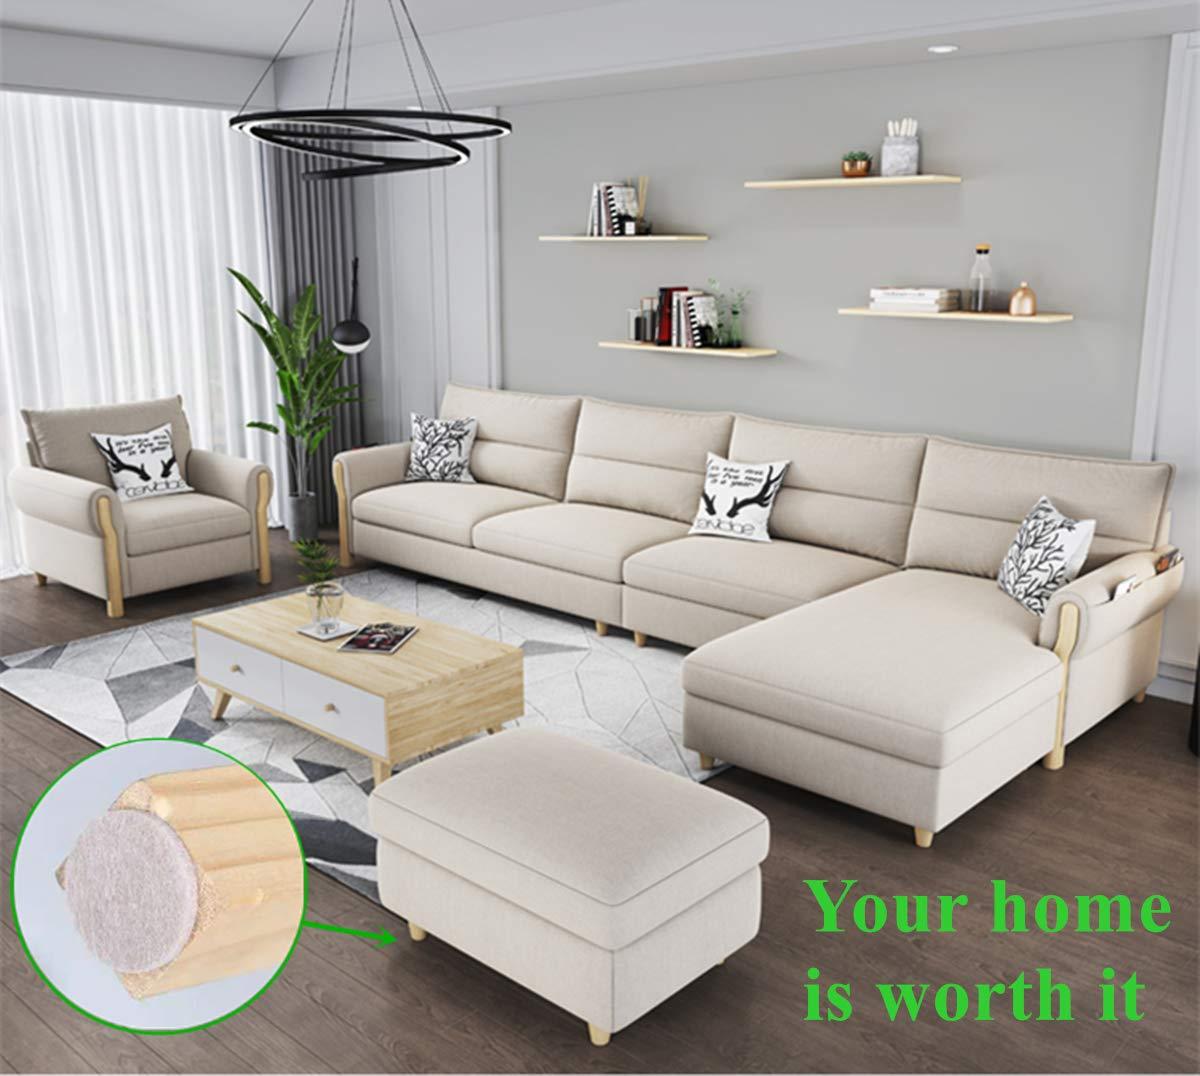 Furniture Felt Pads 204pcs Pack Self Adhesive Beige Furniture Pads Anti Scratch